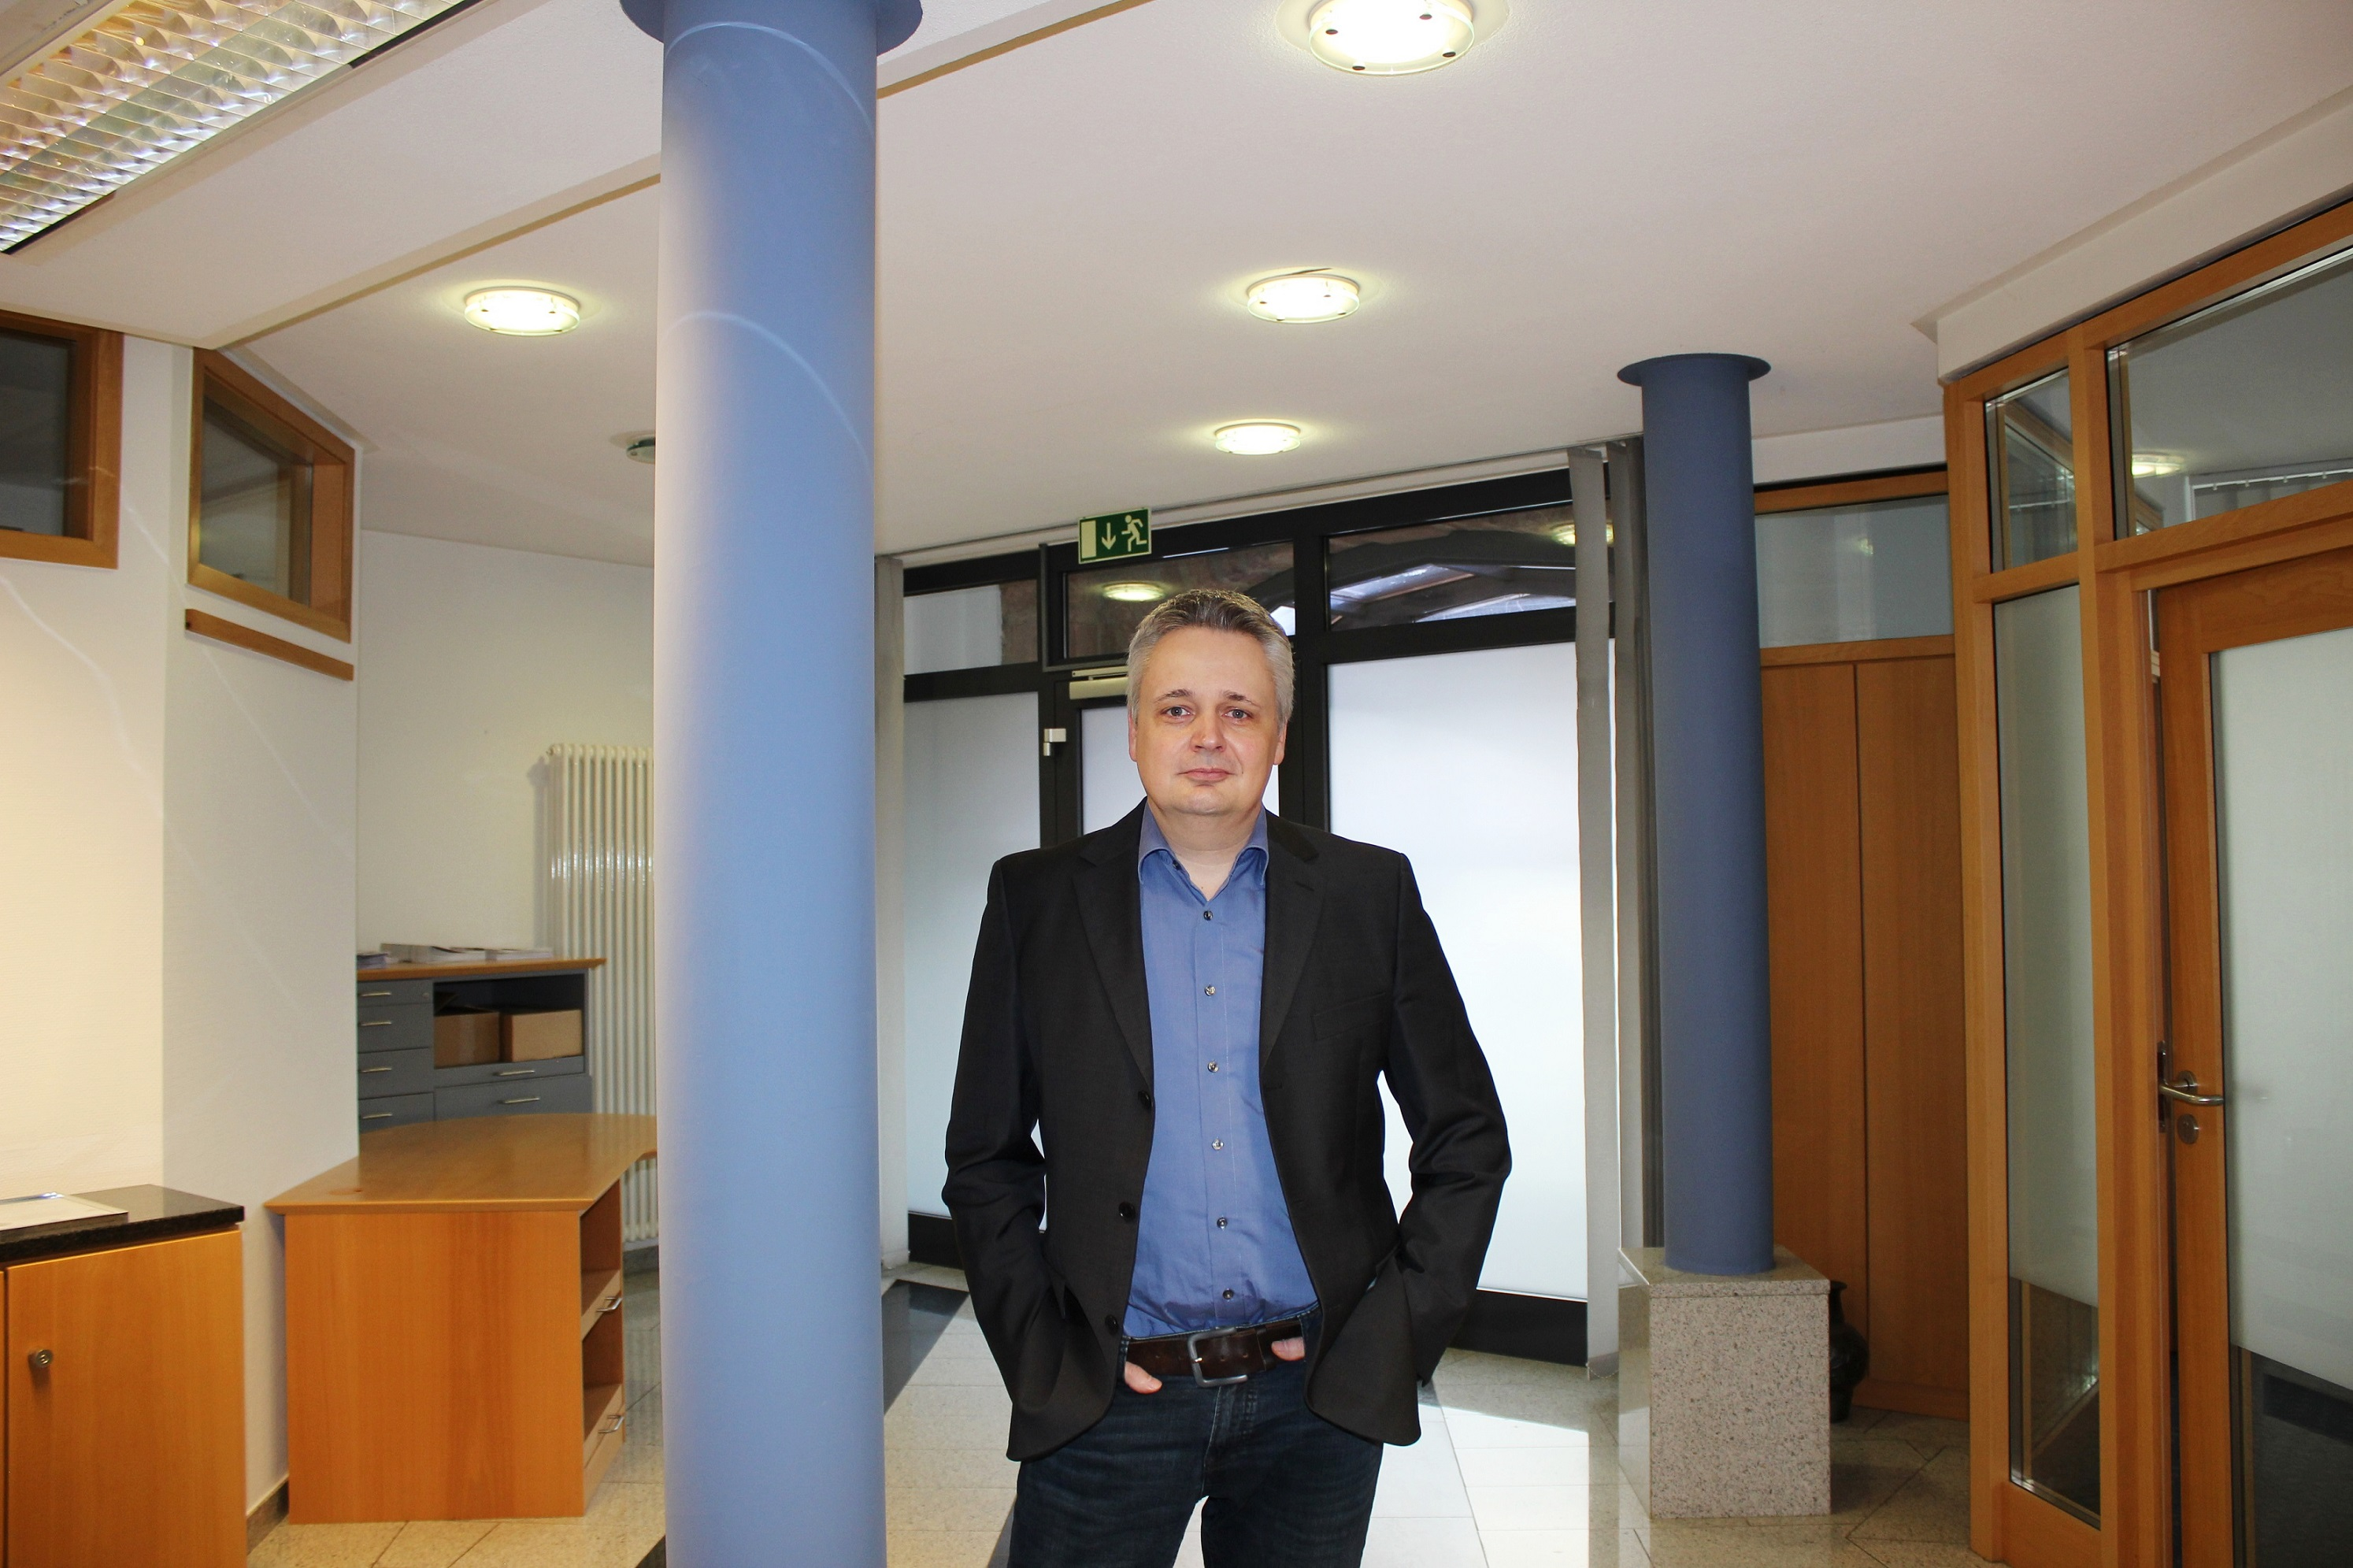 Axel Friederichs